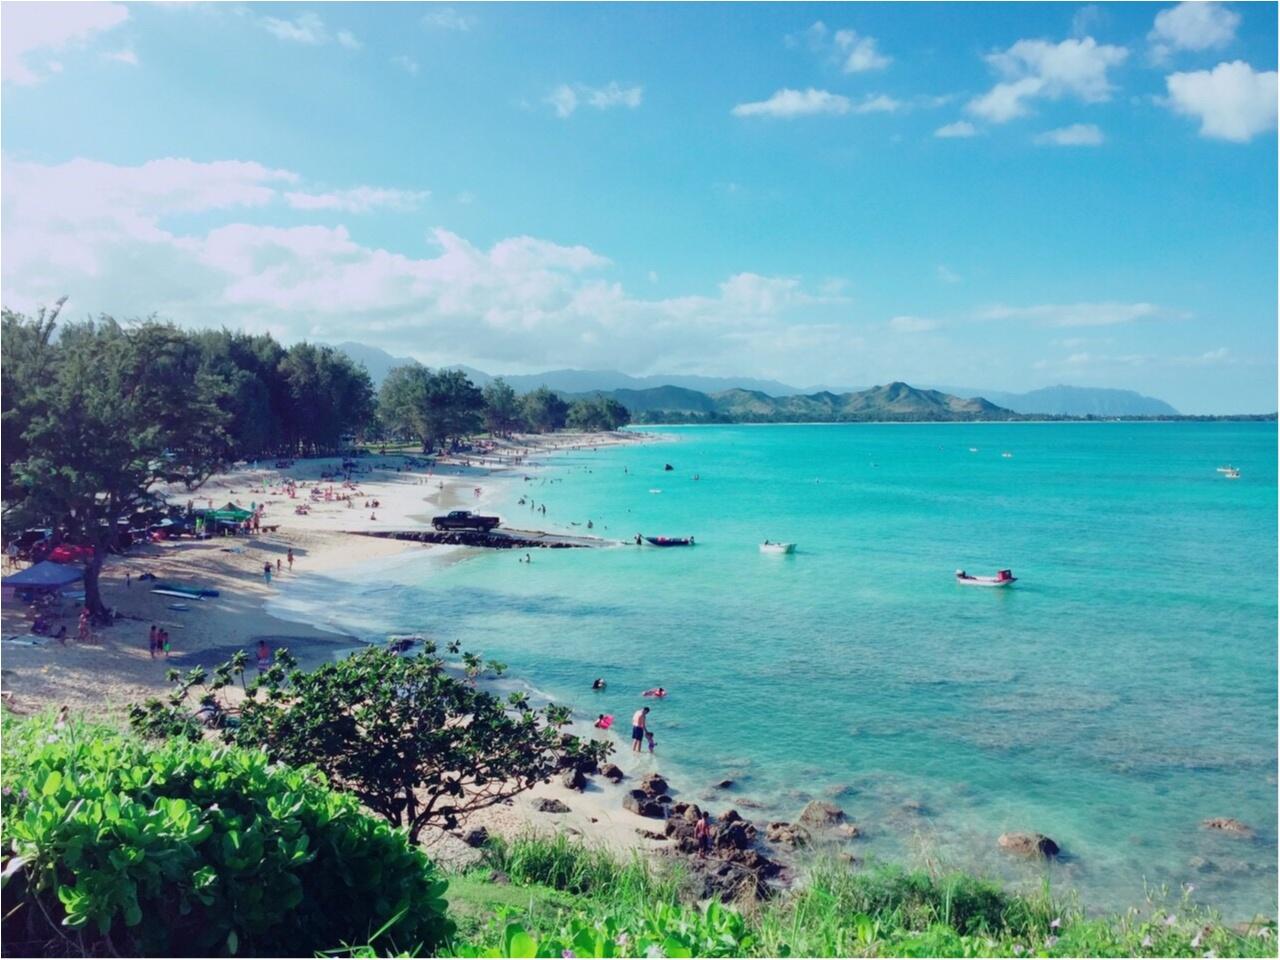 ハワイ女子旅特集 - 人気のカフェやグルメ、インスタ映えスポット、ディズニーなど旅する女子のおすすめまとめ_126